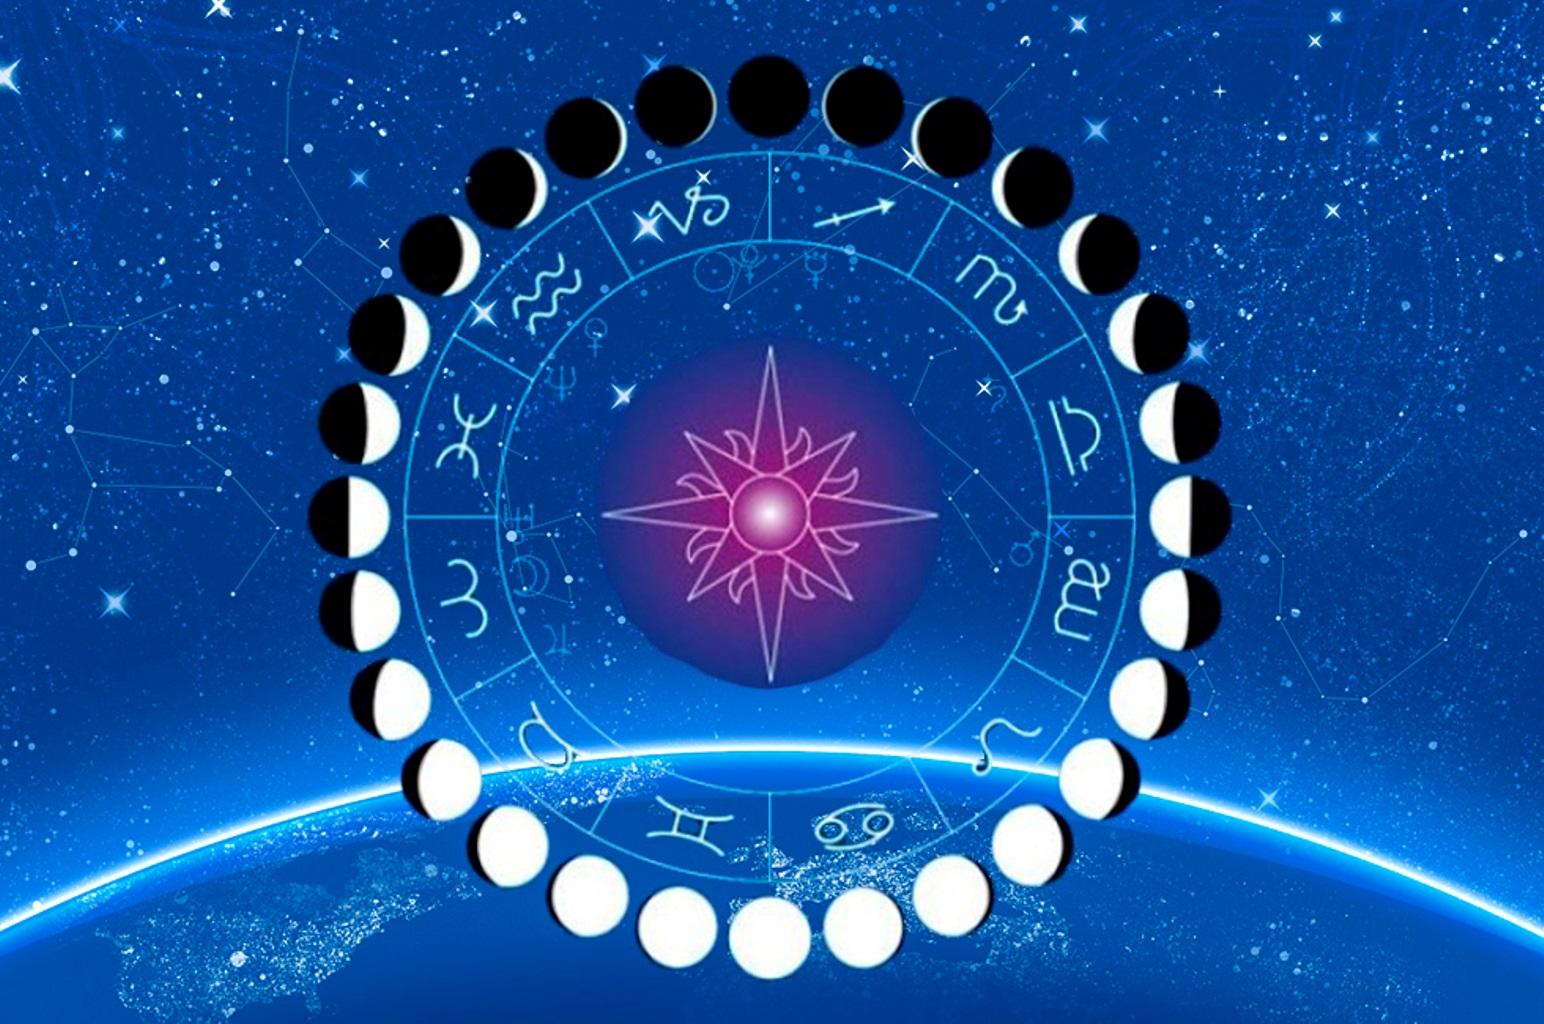 Лунный календарь маникюра на каждый месяц 2021 года: Самые точные советы астрологов по уходу за ноготками